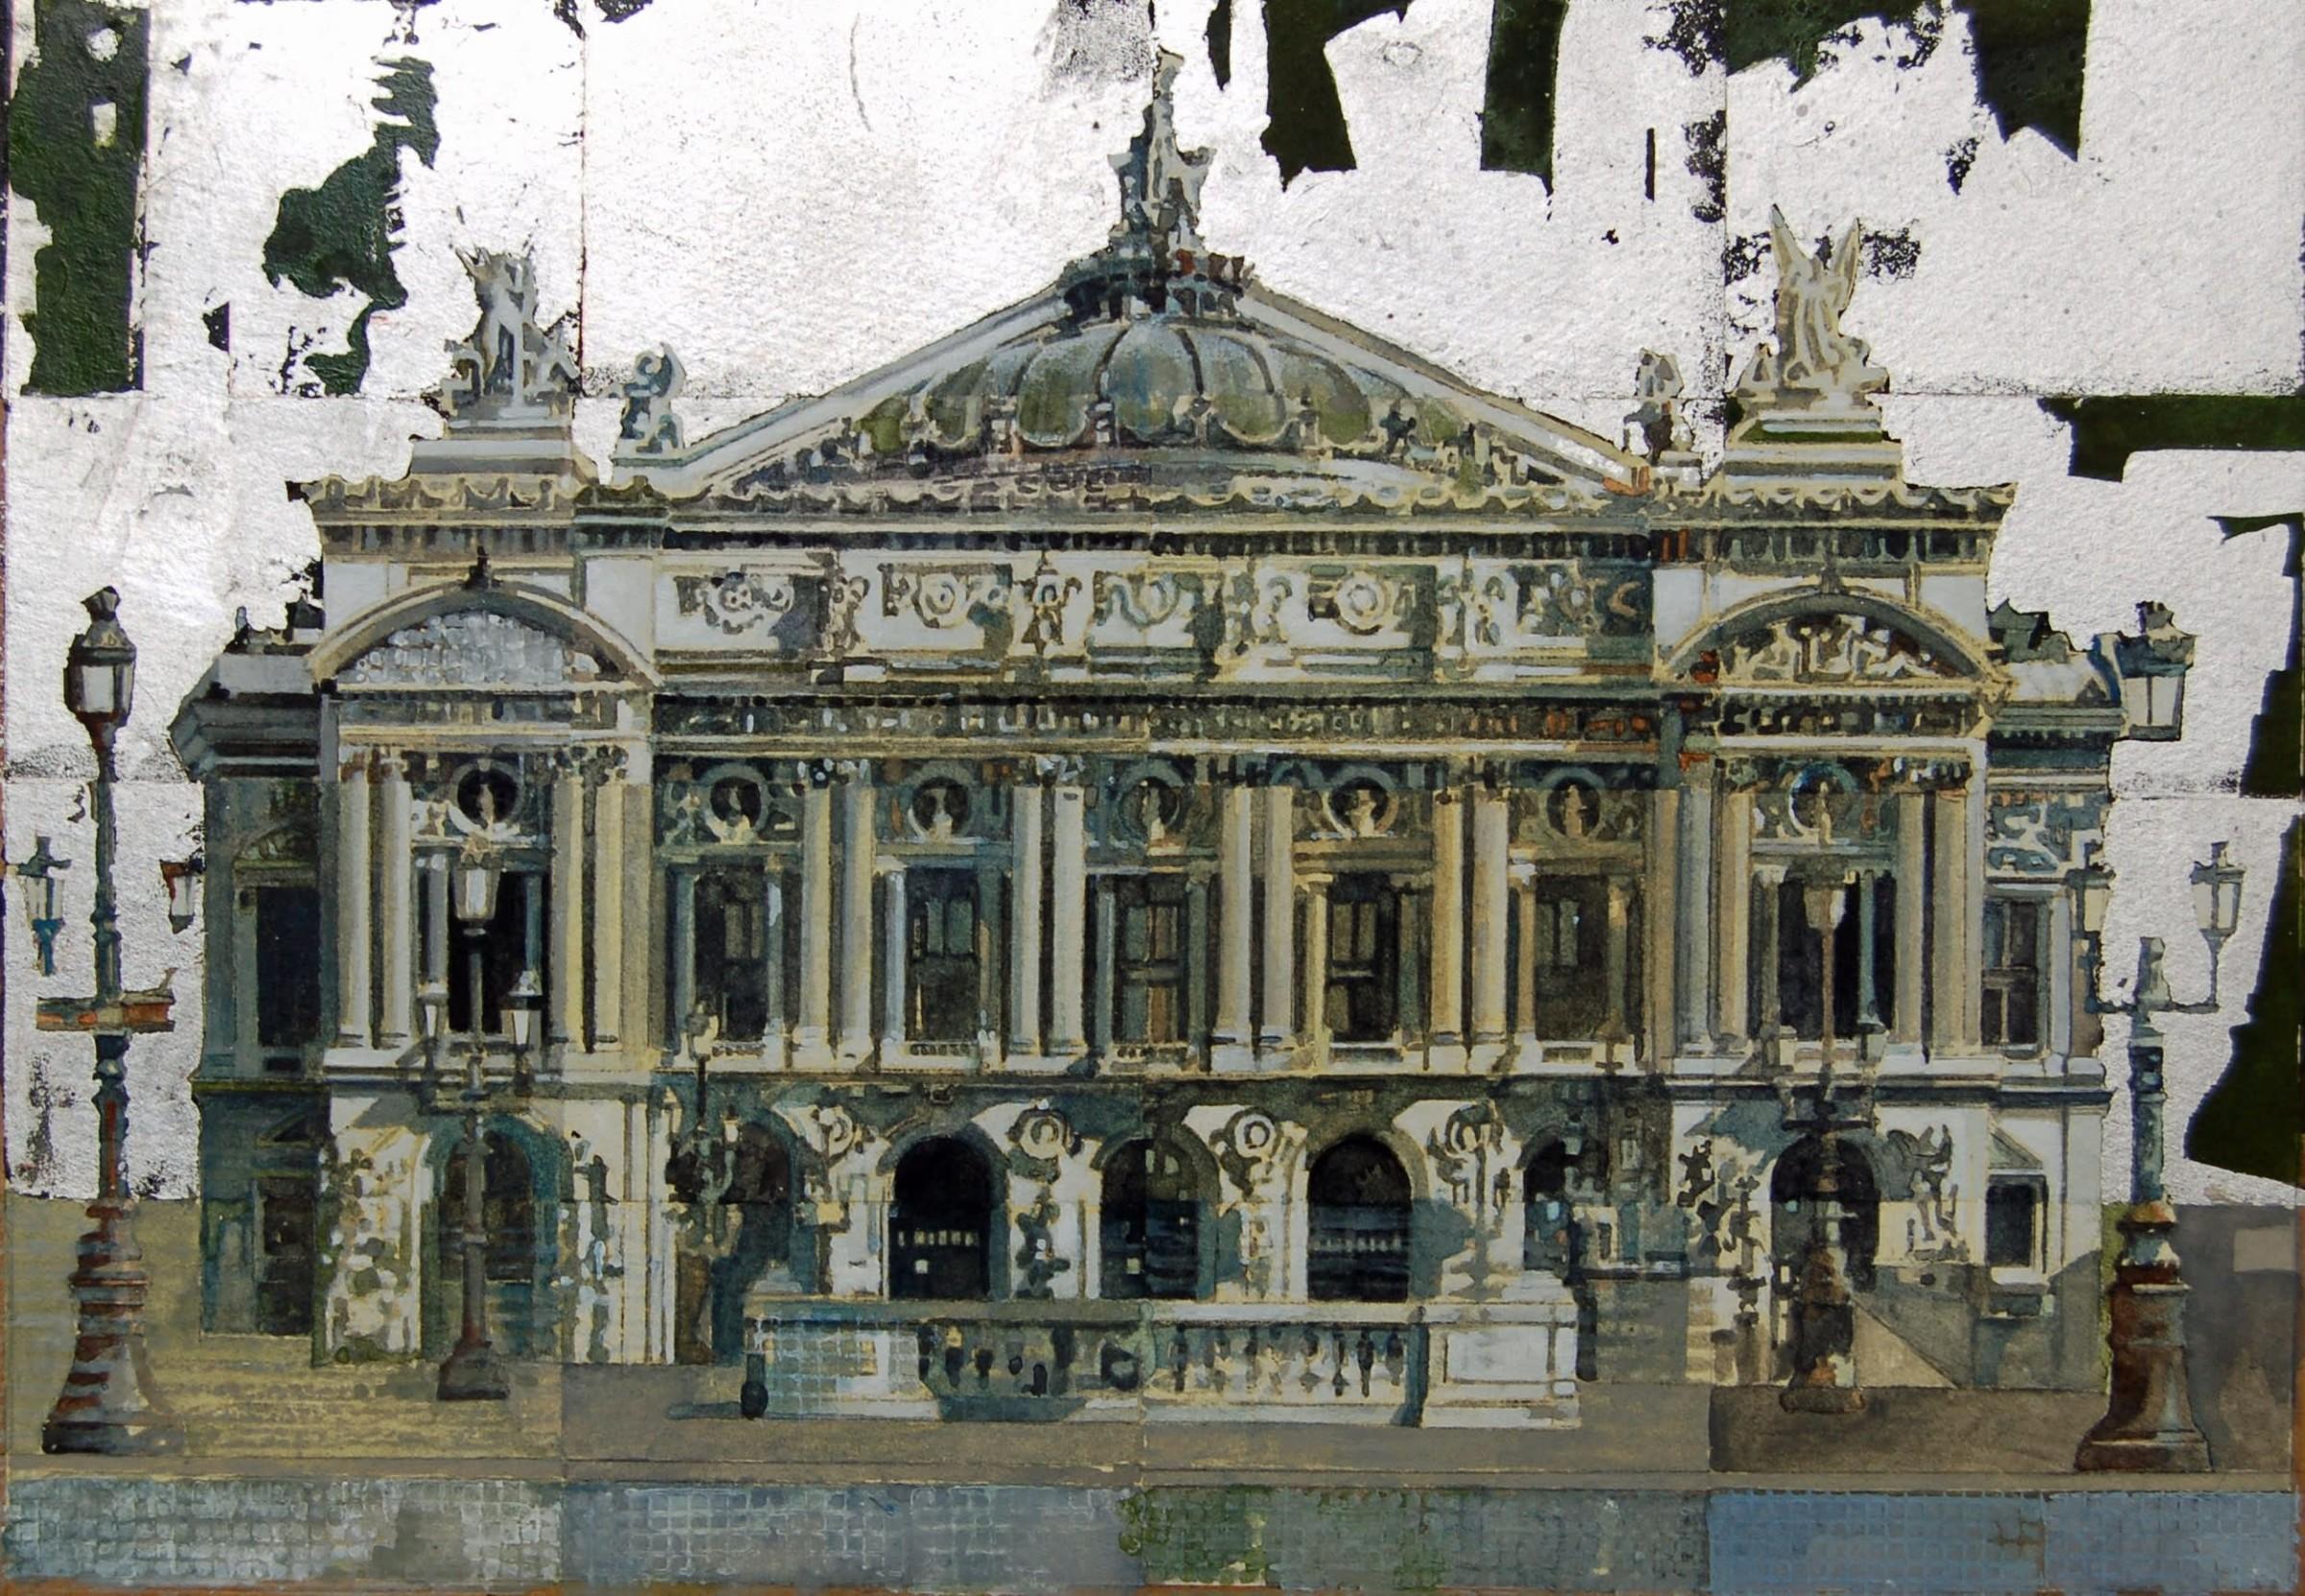 """<span class=""""link fancybox-details-link""""><a href=""""/artists/98-stuart-robertson/works/12650-stuart-robertson-paris-opera-house/"""">View Detail Page</a></span><div class=""""artist""""><span class=""""artist""""><strong>Stuart Robertson</strong></span></div><div class=""""title""""><em>Paris Opera House</em></div><div class=""""medium"""">watercolour & silver leaf</div><div class=""""dimensions"""">Artwork: 34 x 23cm</div><div class=""""price"""">£700.00</div>"""